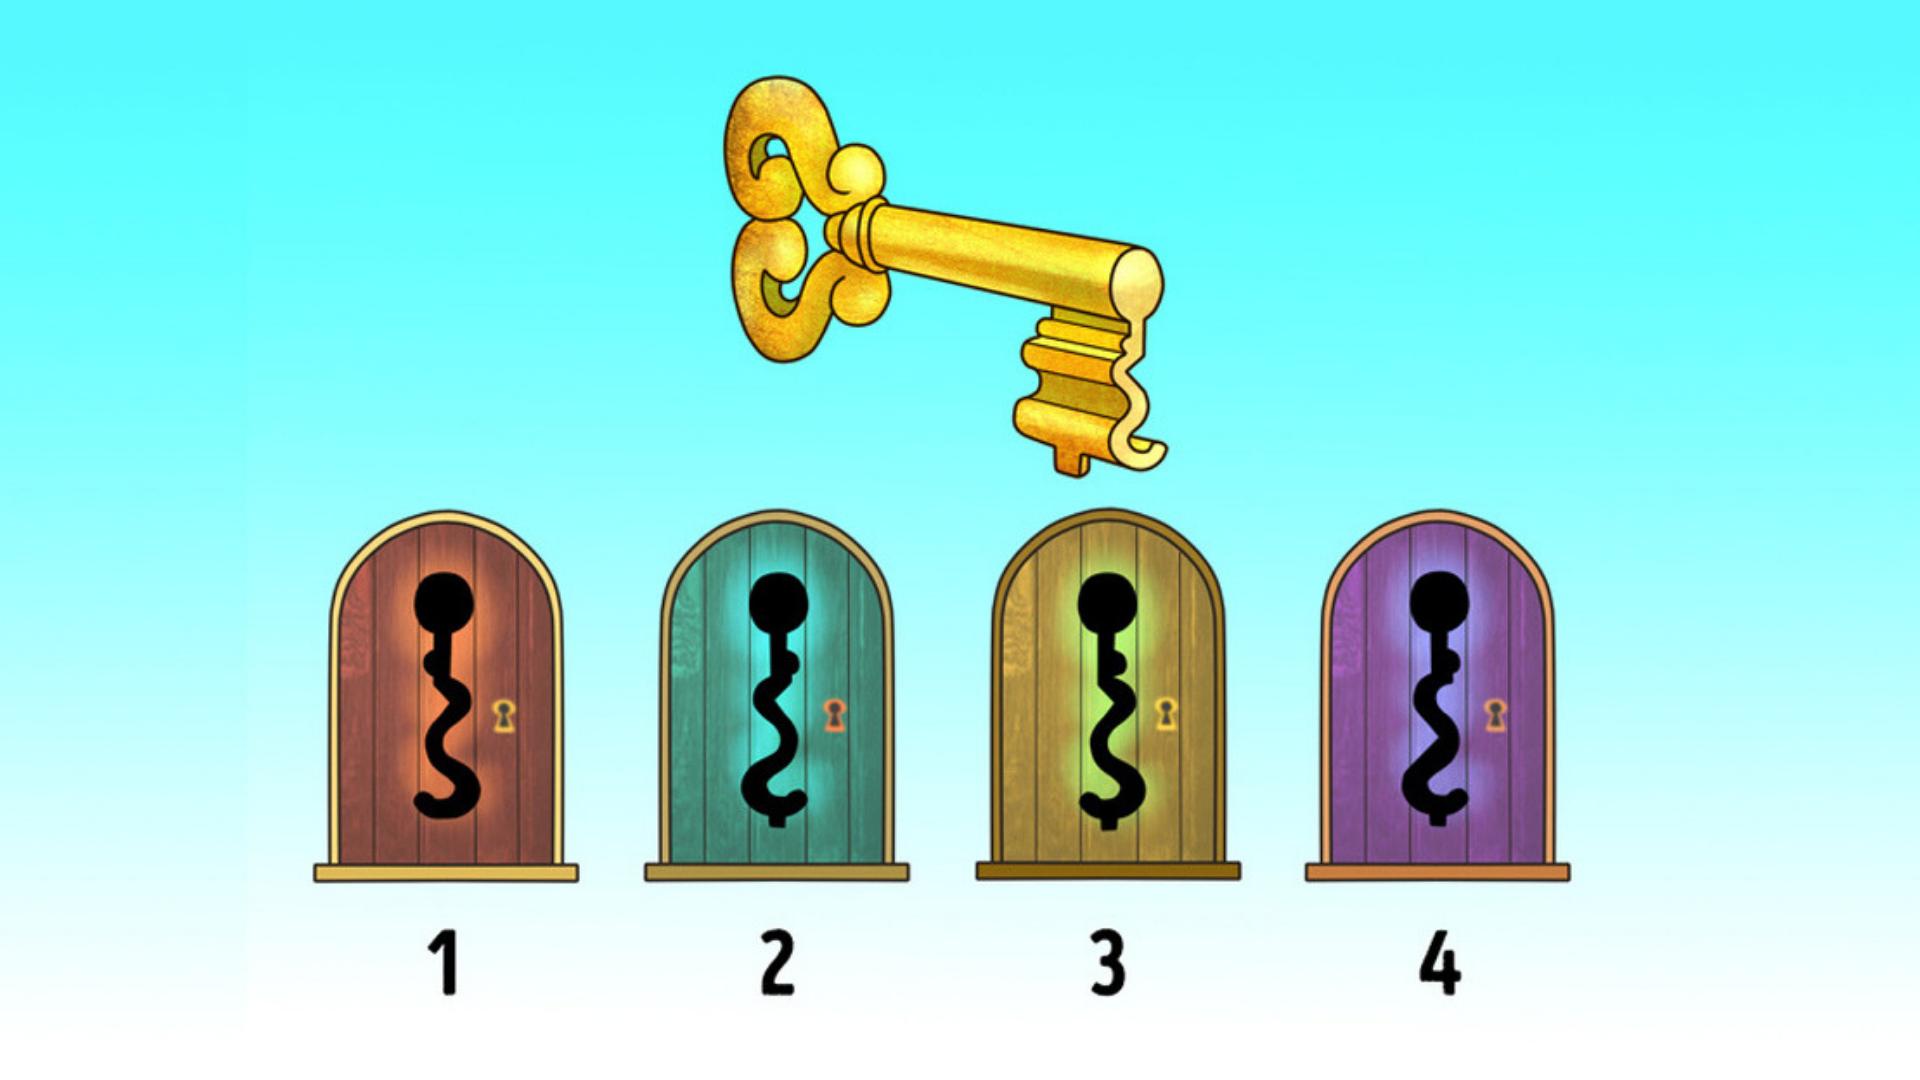 Загадка: виберіть замок, до якого ідеально підійде цей ключ